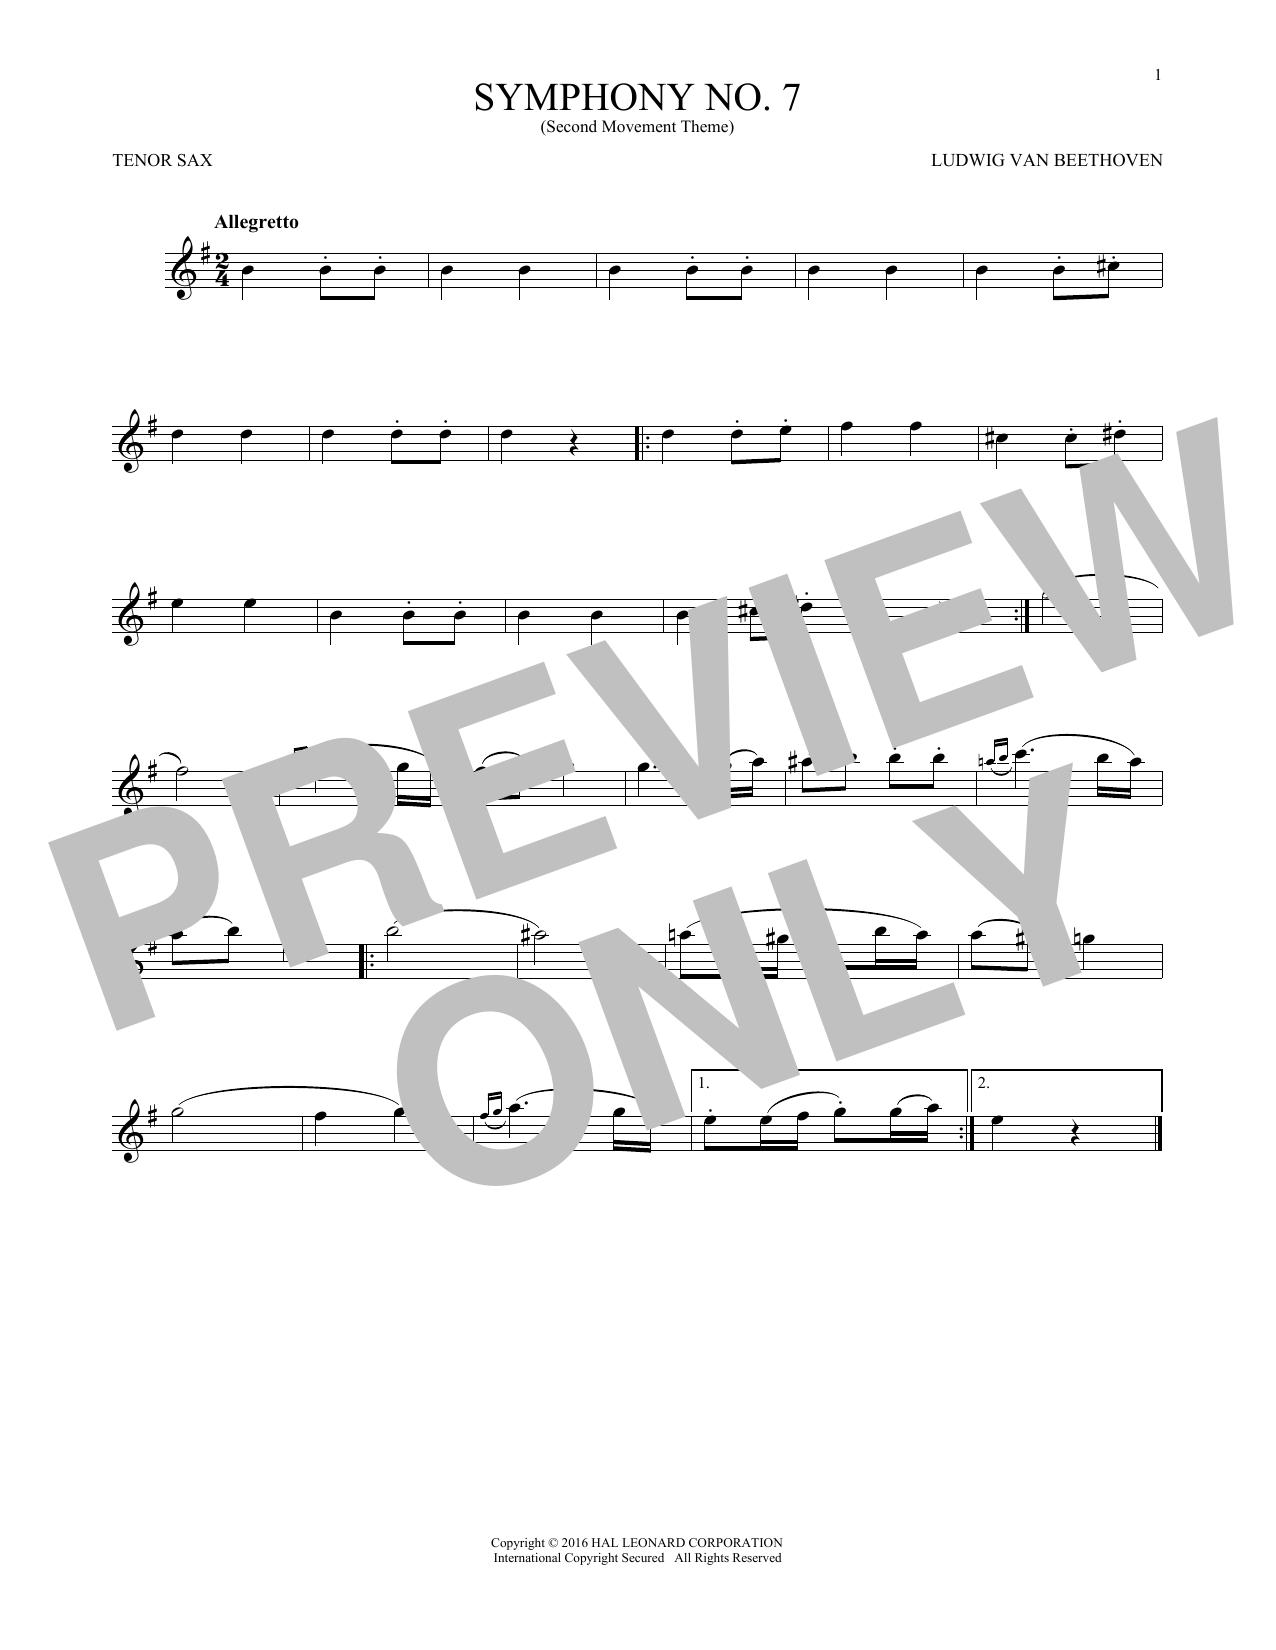 Symphony No. 7 In A Major, Second Movement (Allegretto) (Tenor Sax Solo)